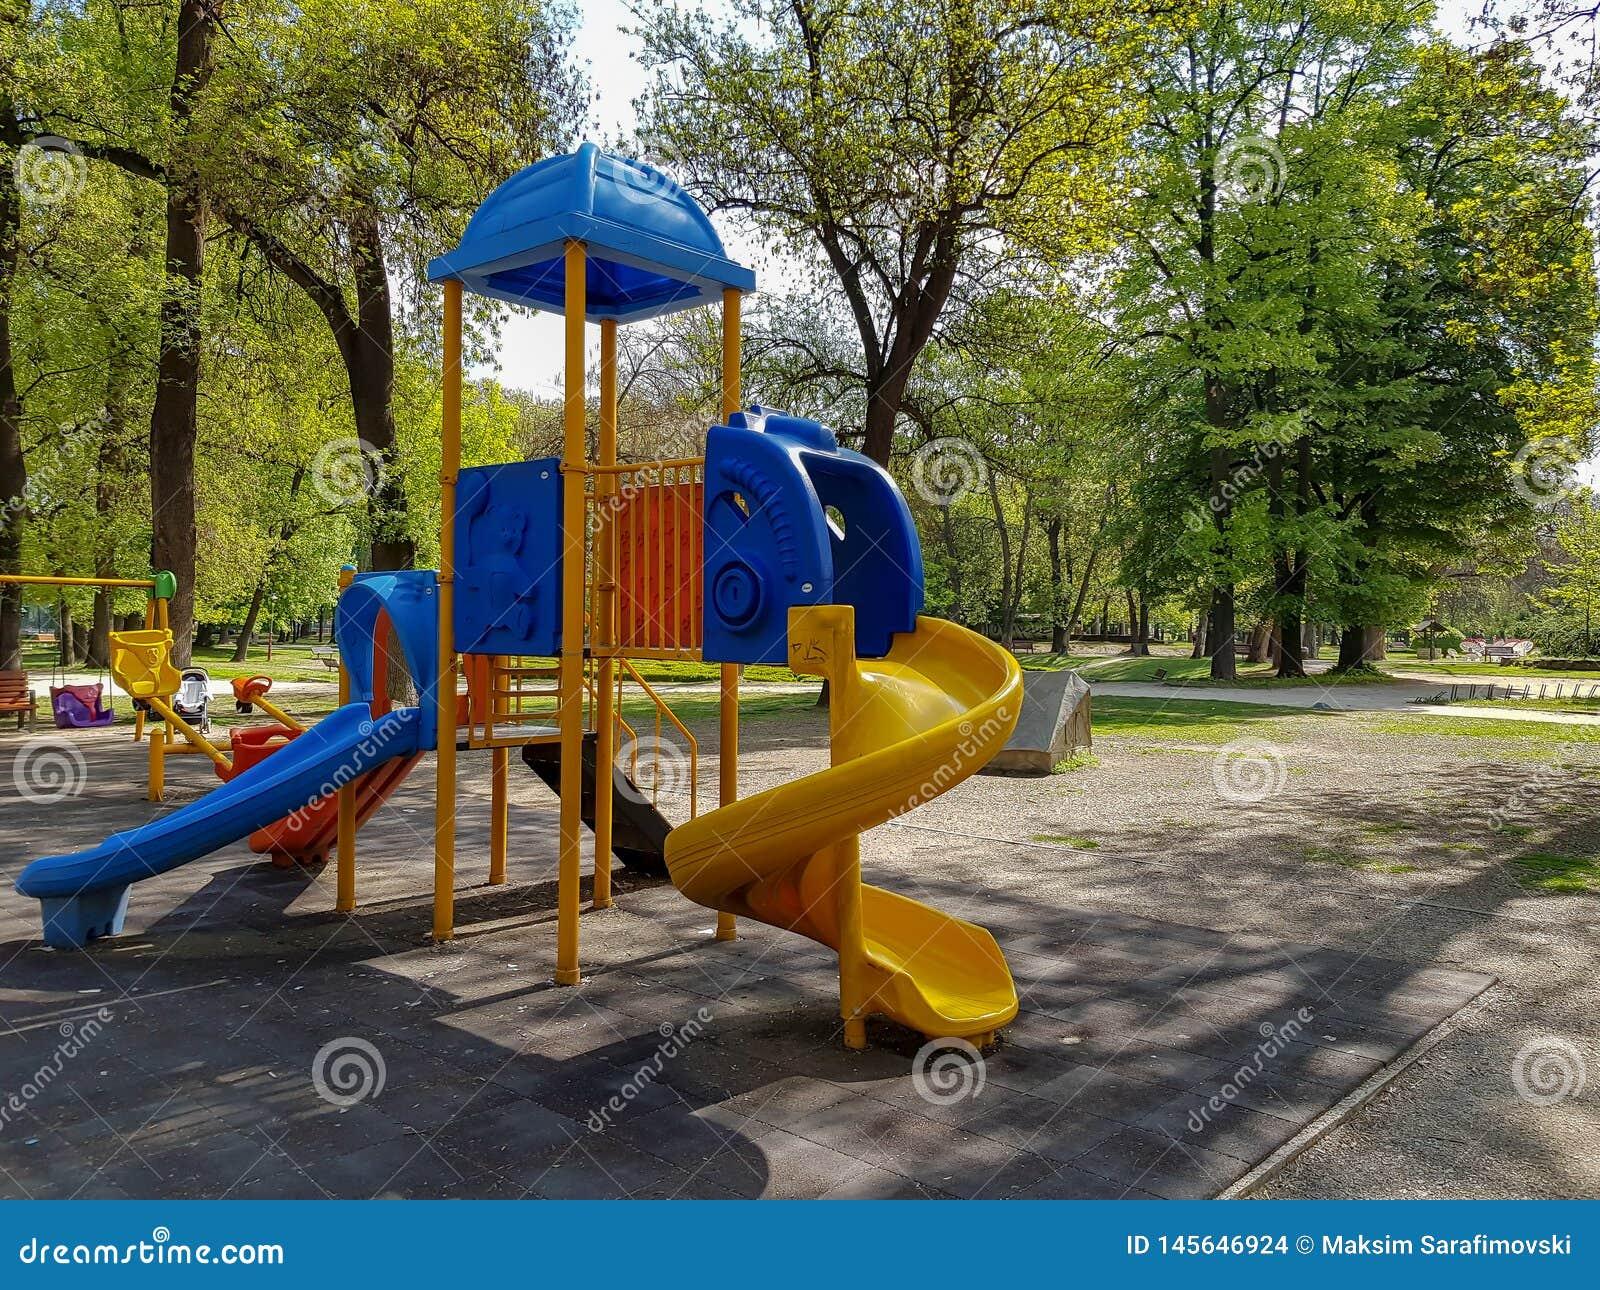 Фотоснимок скольжения для детей в парке города